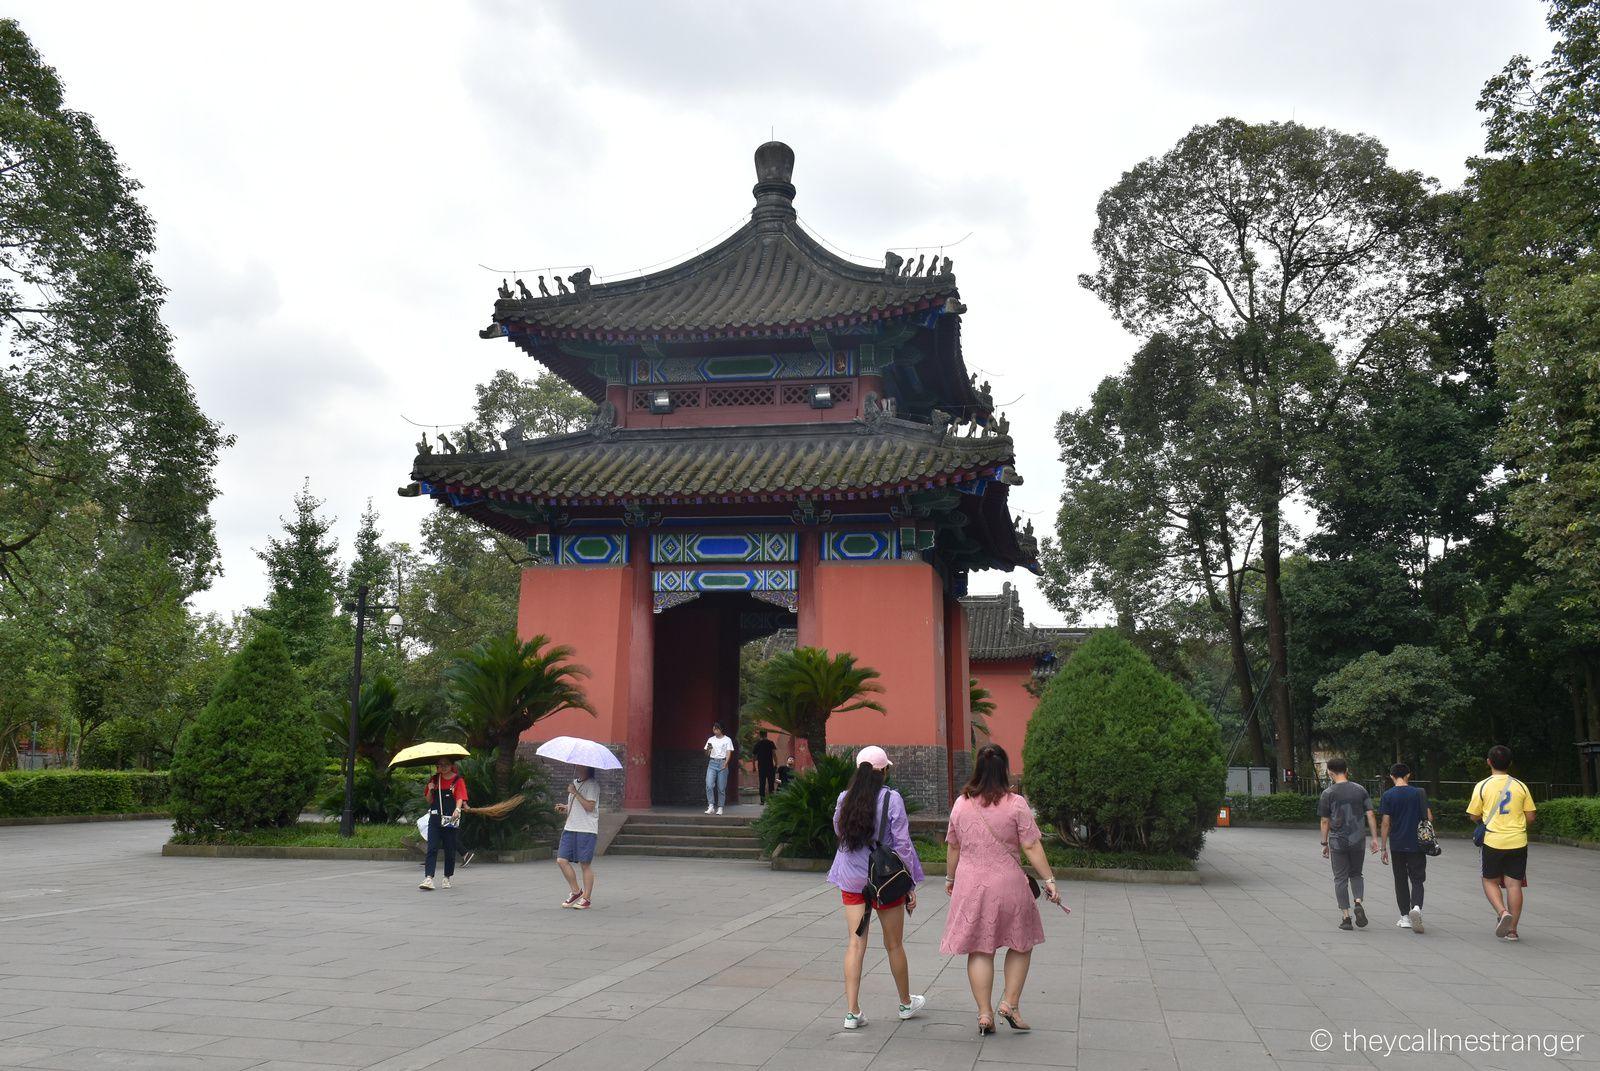 Chengdu 成都 : le sanctuaire de Wuhou 武侯祠 et le parc de Dufu 杜甫草堂